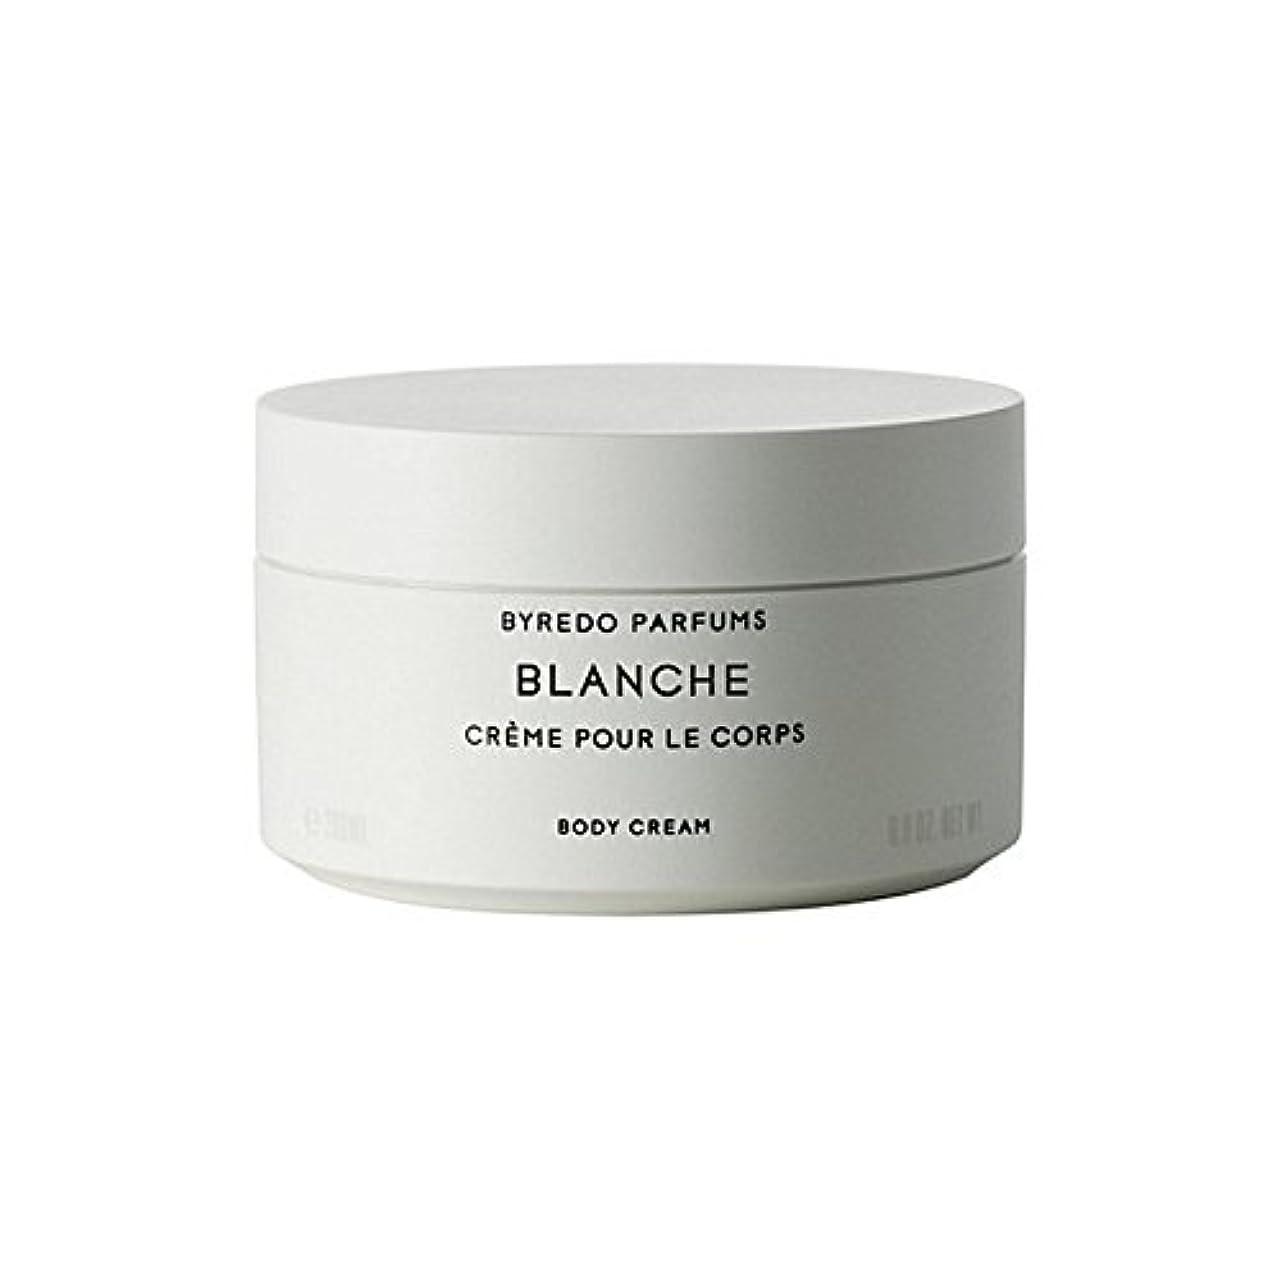 乱闘半径メトロポリタンブランシュボディクリーム200ミリリットル x4 - Byredo Blanche Body Cream 200ml (Pack of 4) [並行輸入品]